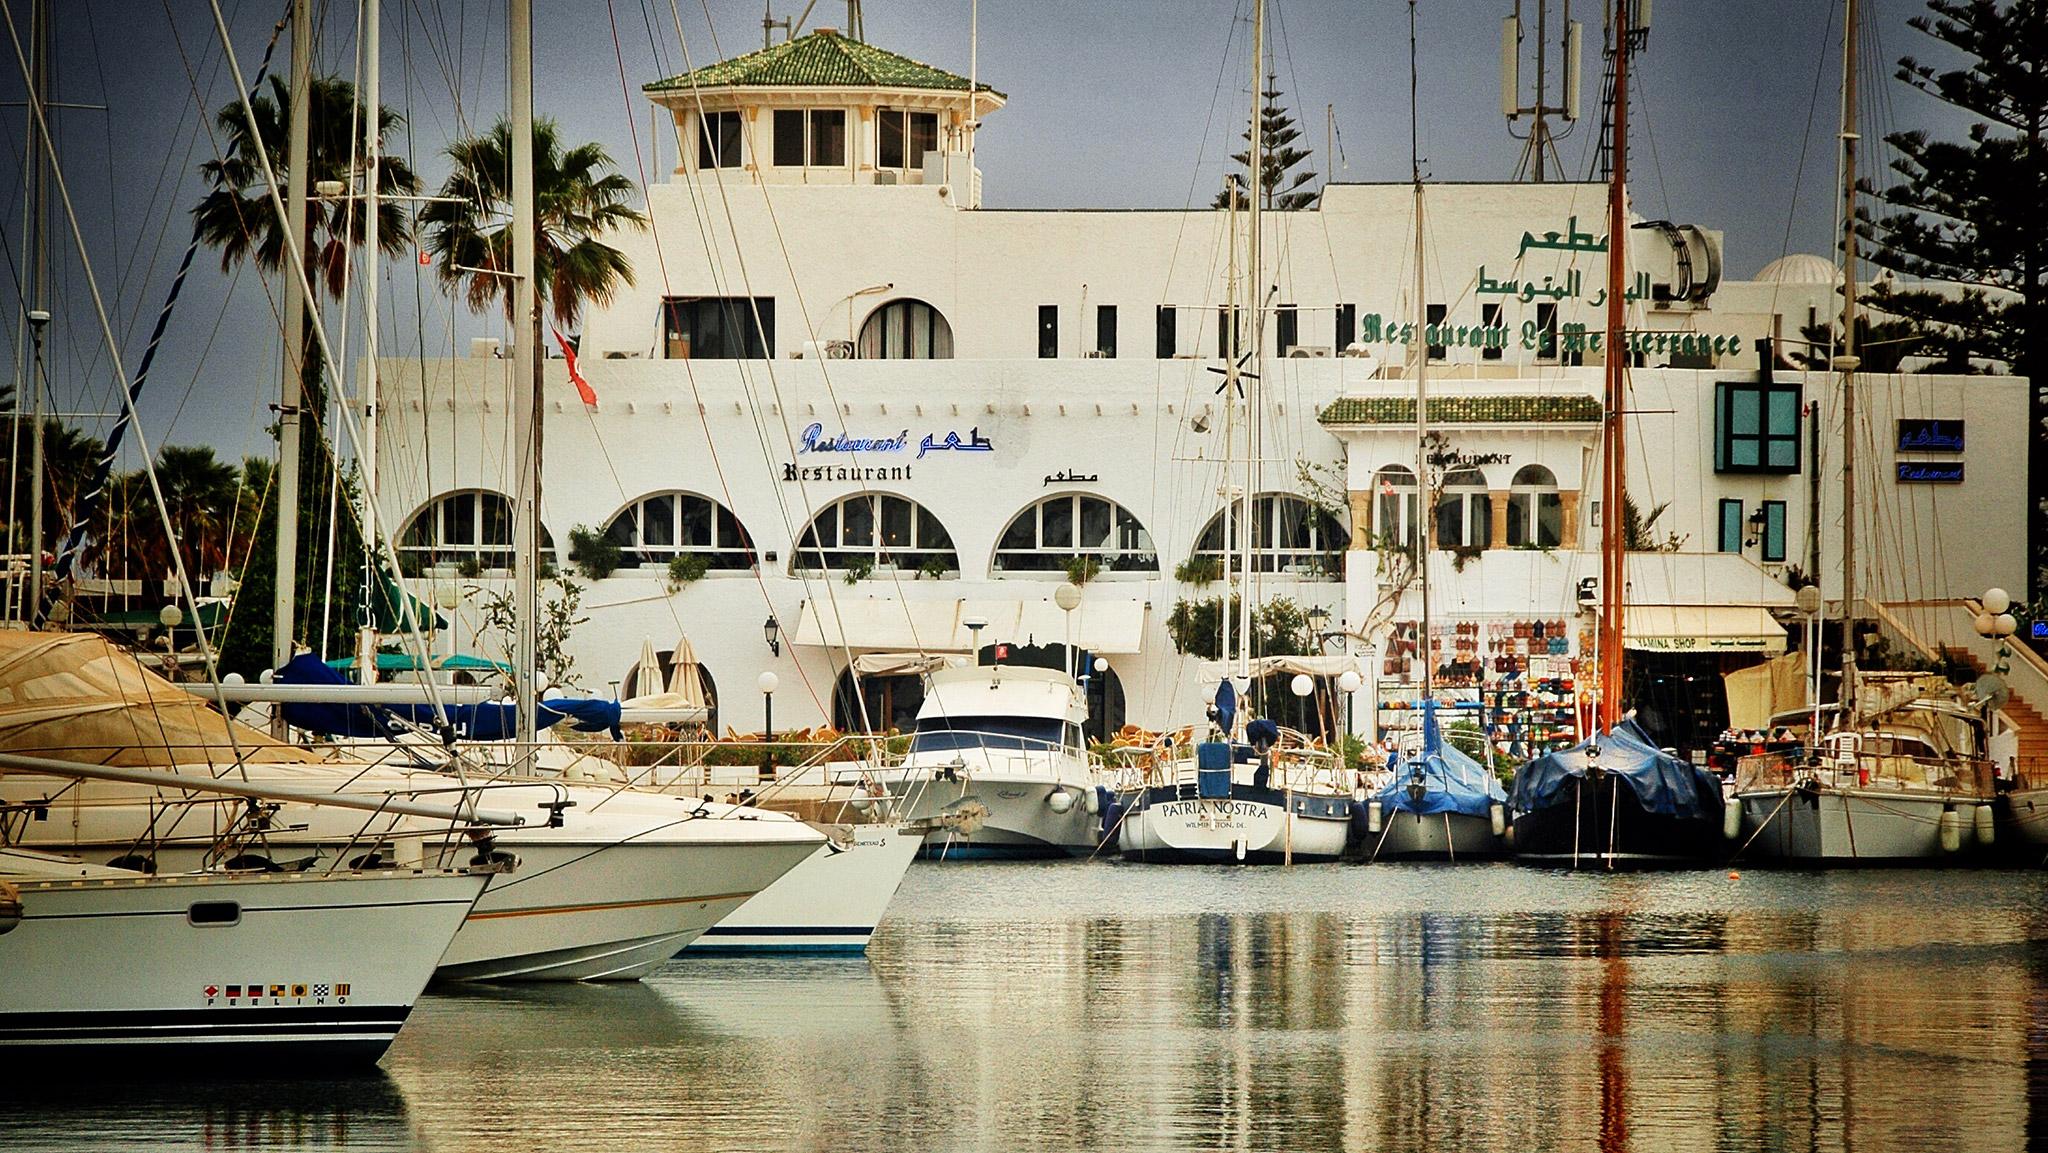 The excellent Restaurant Le Méditerranée in Port El Kantaoui.